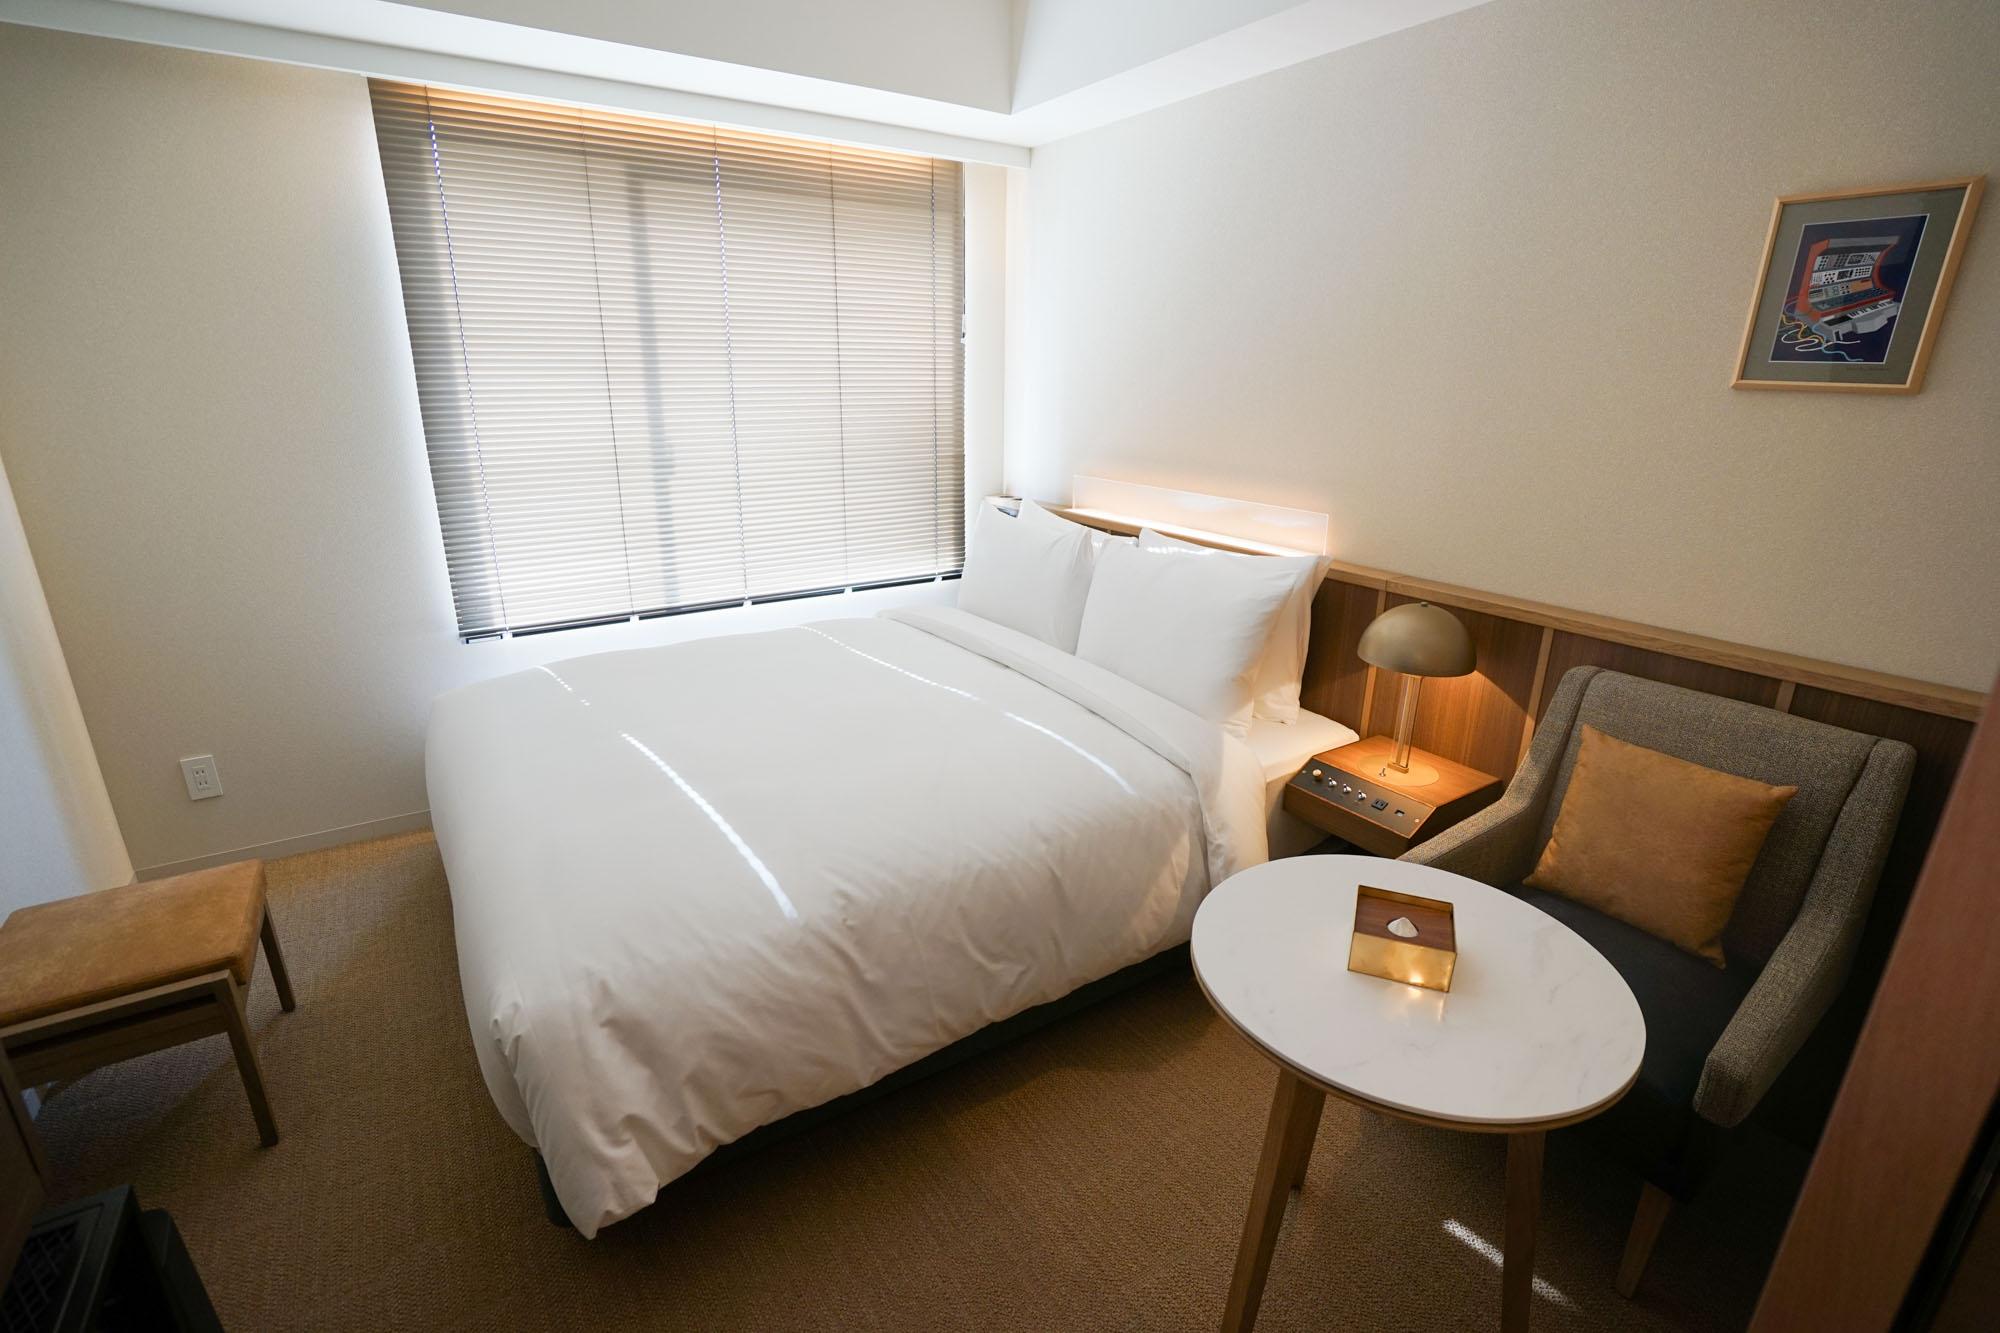 ノーガホテル秋葉原で、体験の核となるのは「音楽とアートと食」。客室内にも専用スピーカーが設置され、こだわった音響でくつろぎの時間を過ごせます。